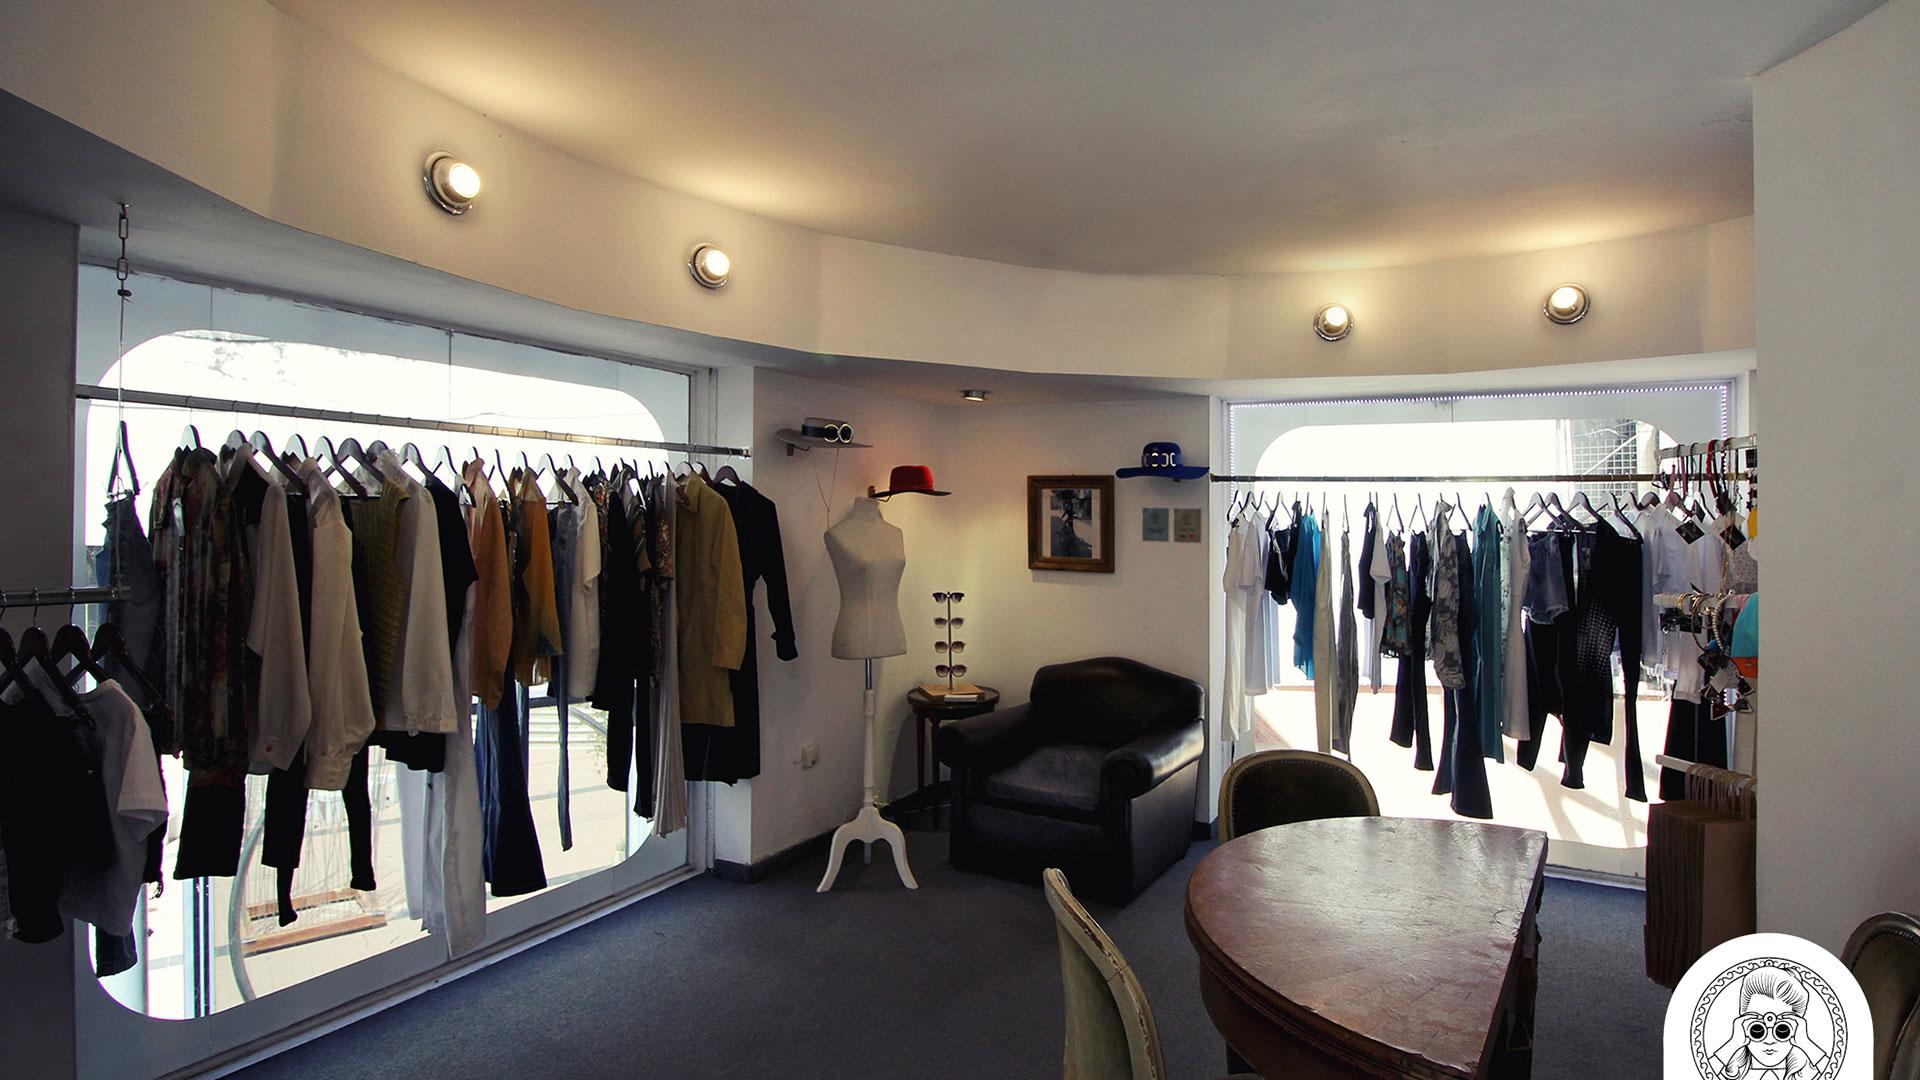 e3d30232a Barato y con onda: el circuito de tiendas de ropa vintage o usada en  Córdoba   MUSA